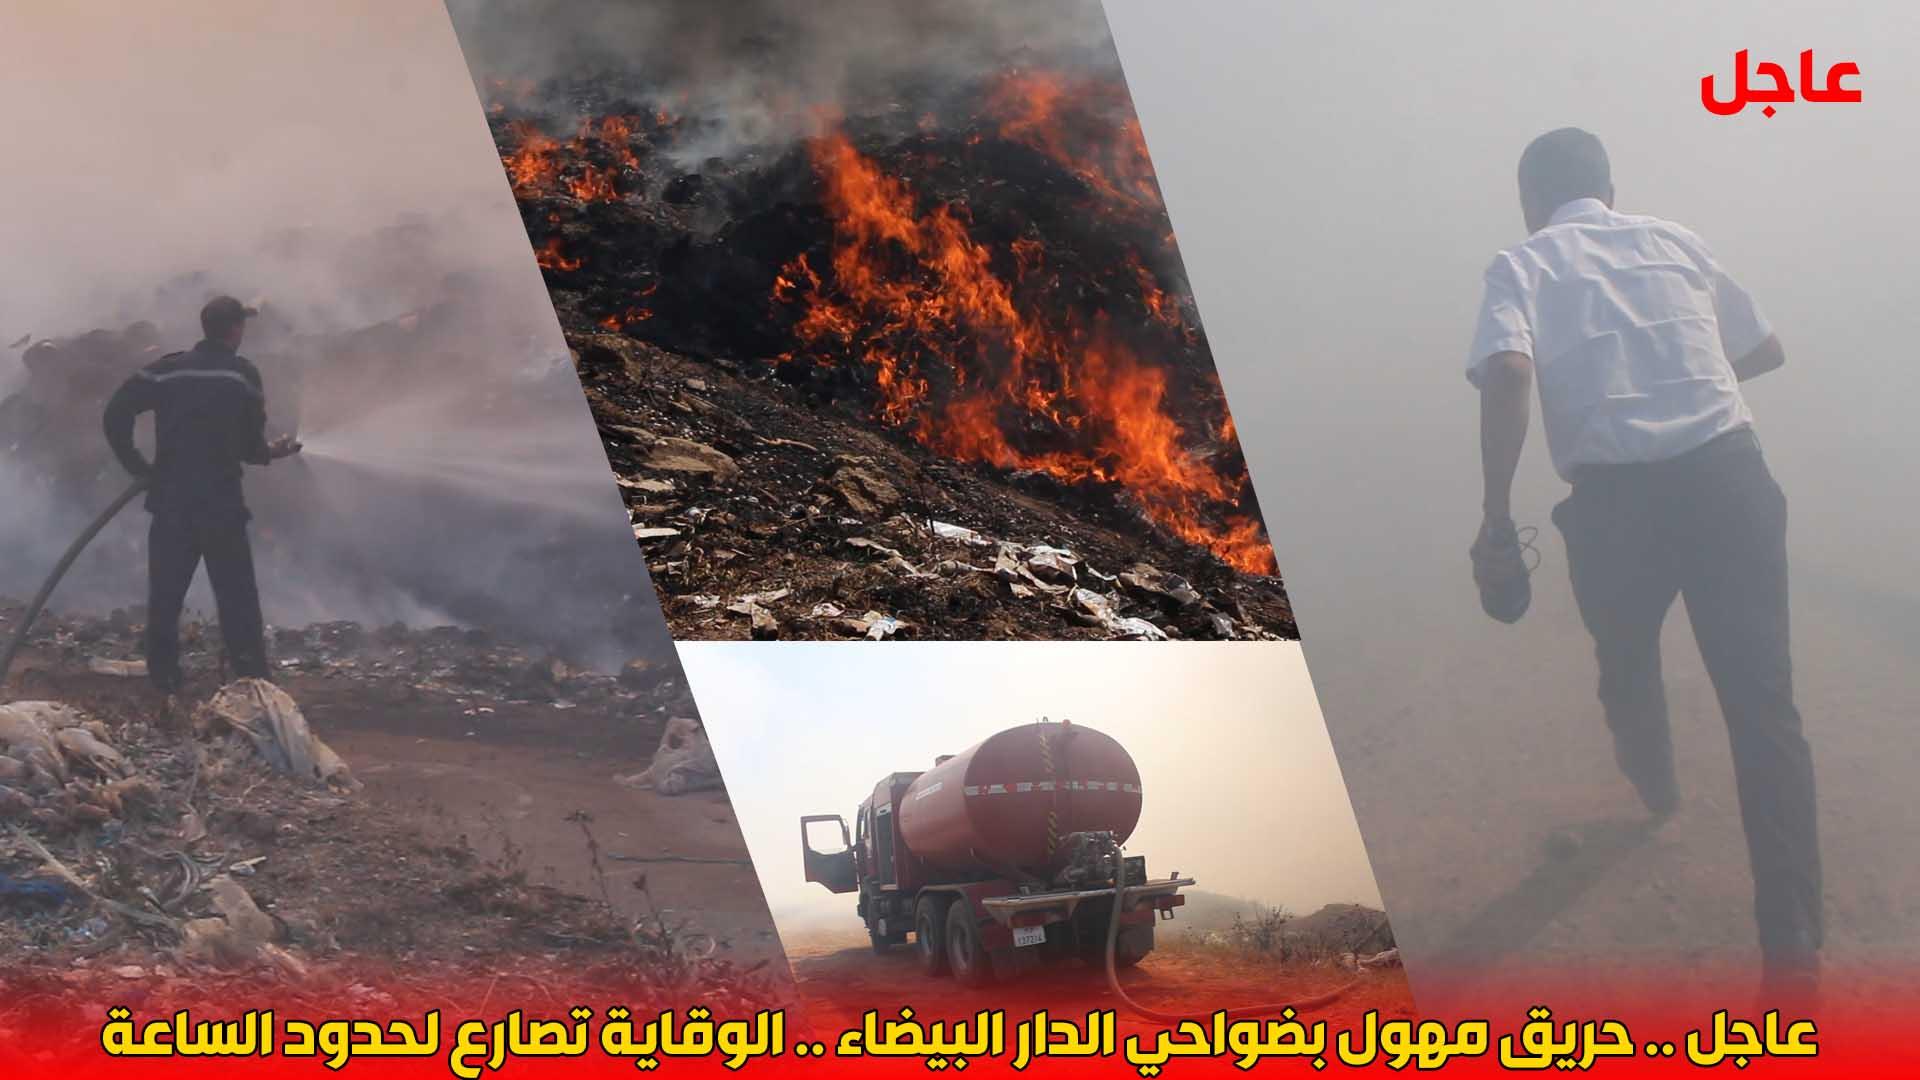 حريق مهول بضواحي الدار البيضاء .. و الوقاية تصارع  النيران لحدود الساعة